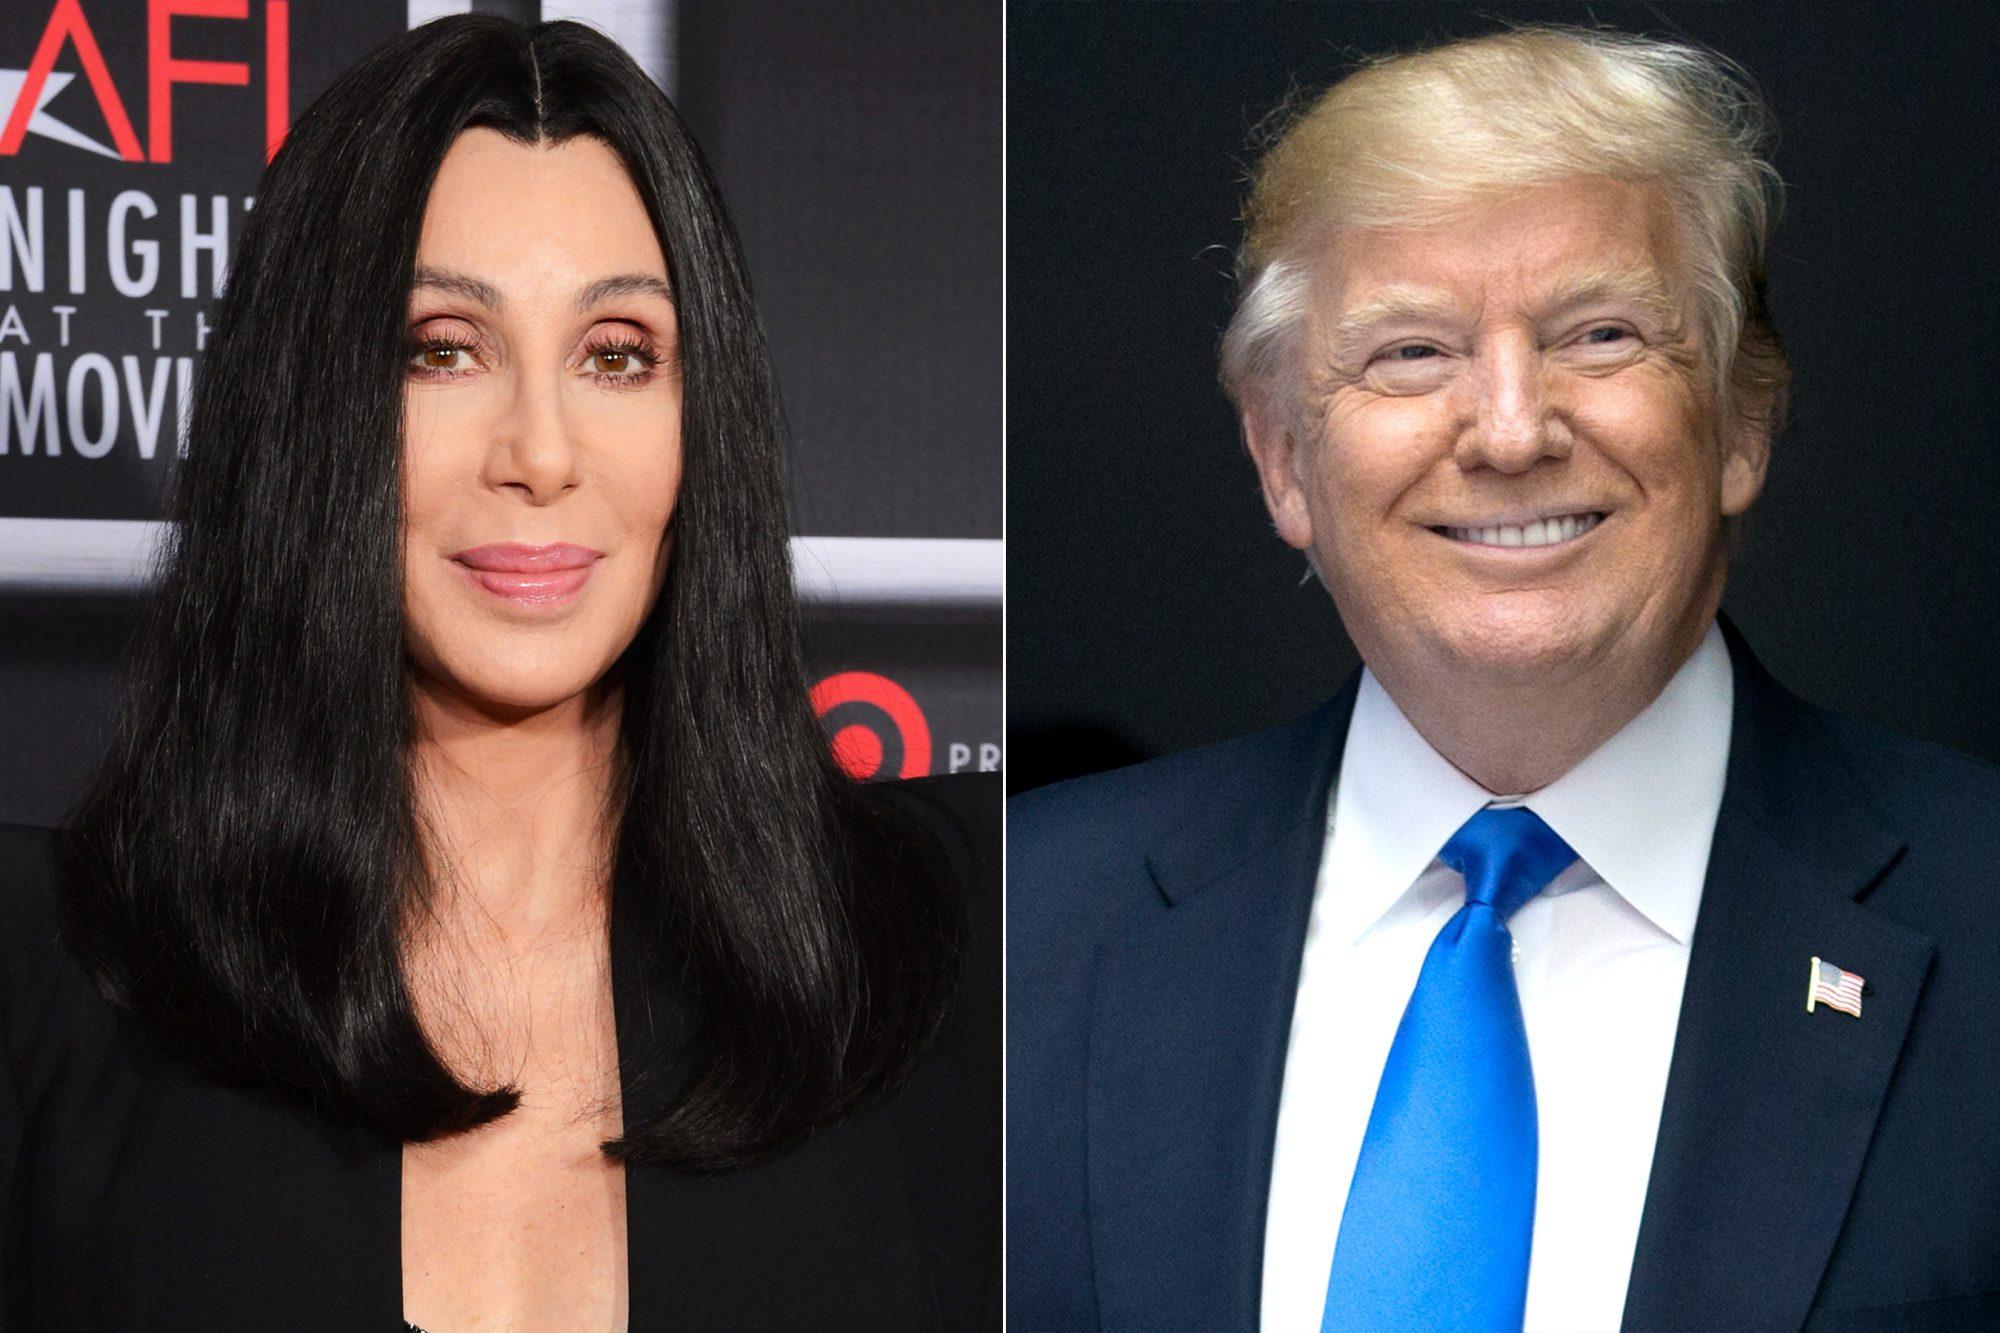 Cher / Donald Trump